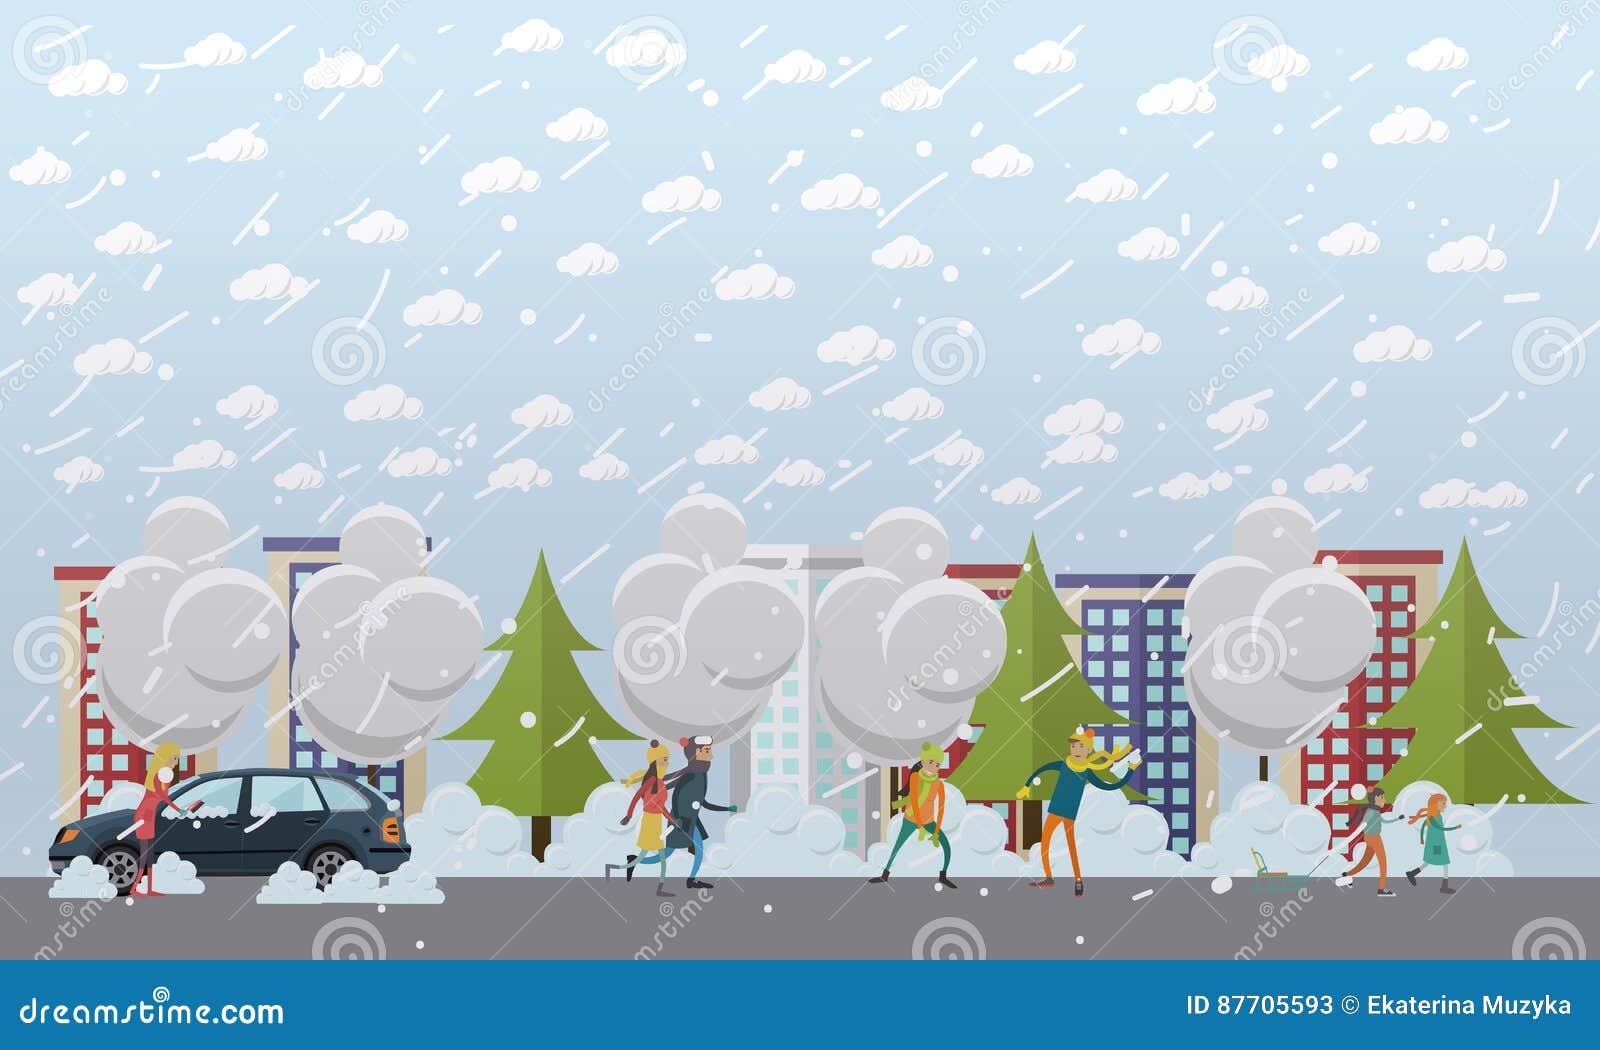 Illustration de vecteur de concept de tempête de neige dans le style plat